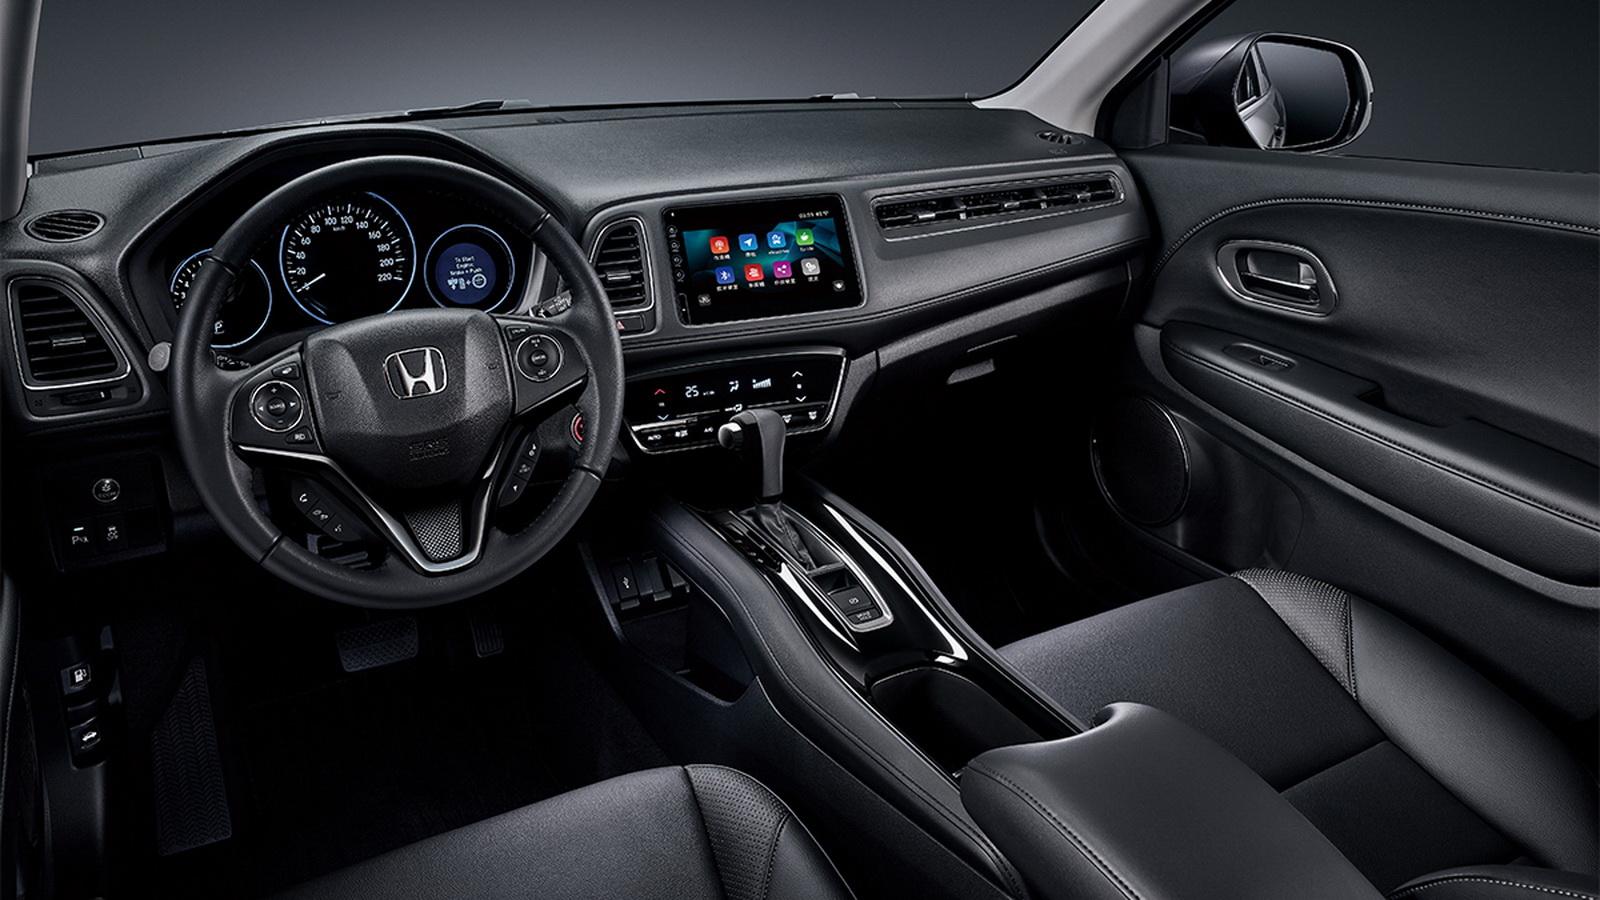 圖/2019 Honda HR-V(NEW) 1.8 S超越同級「空間舒適性」為目標,能實現跨級距超大空間,打造出媲美高級房車的乘坐品質。